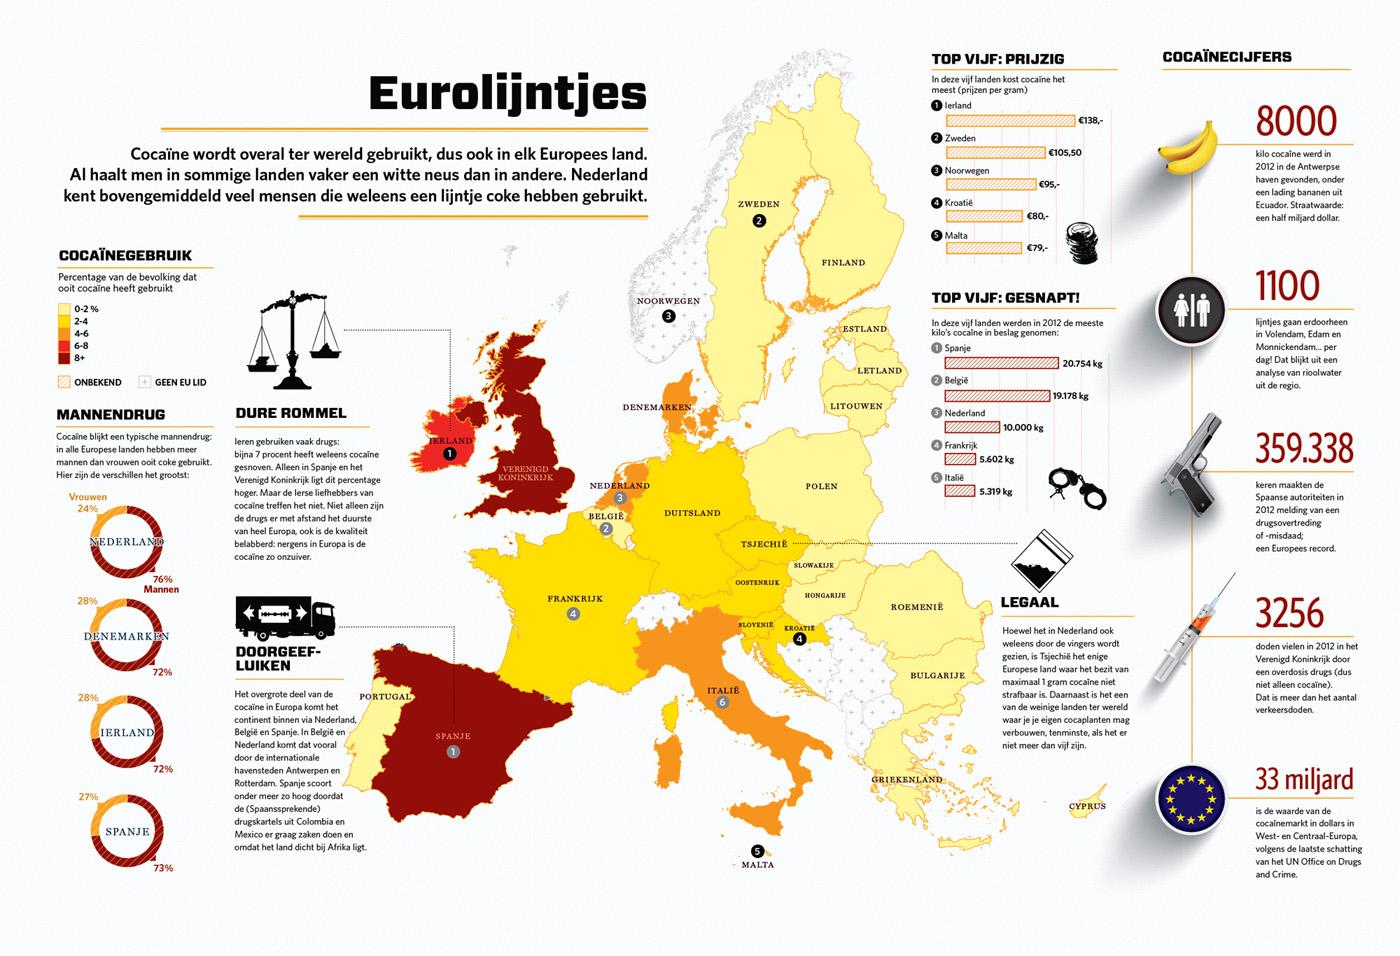 Infographic - Cocaïnegebruik Europa